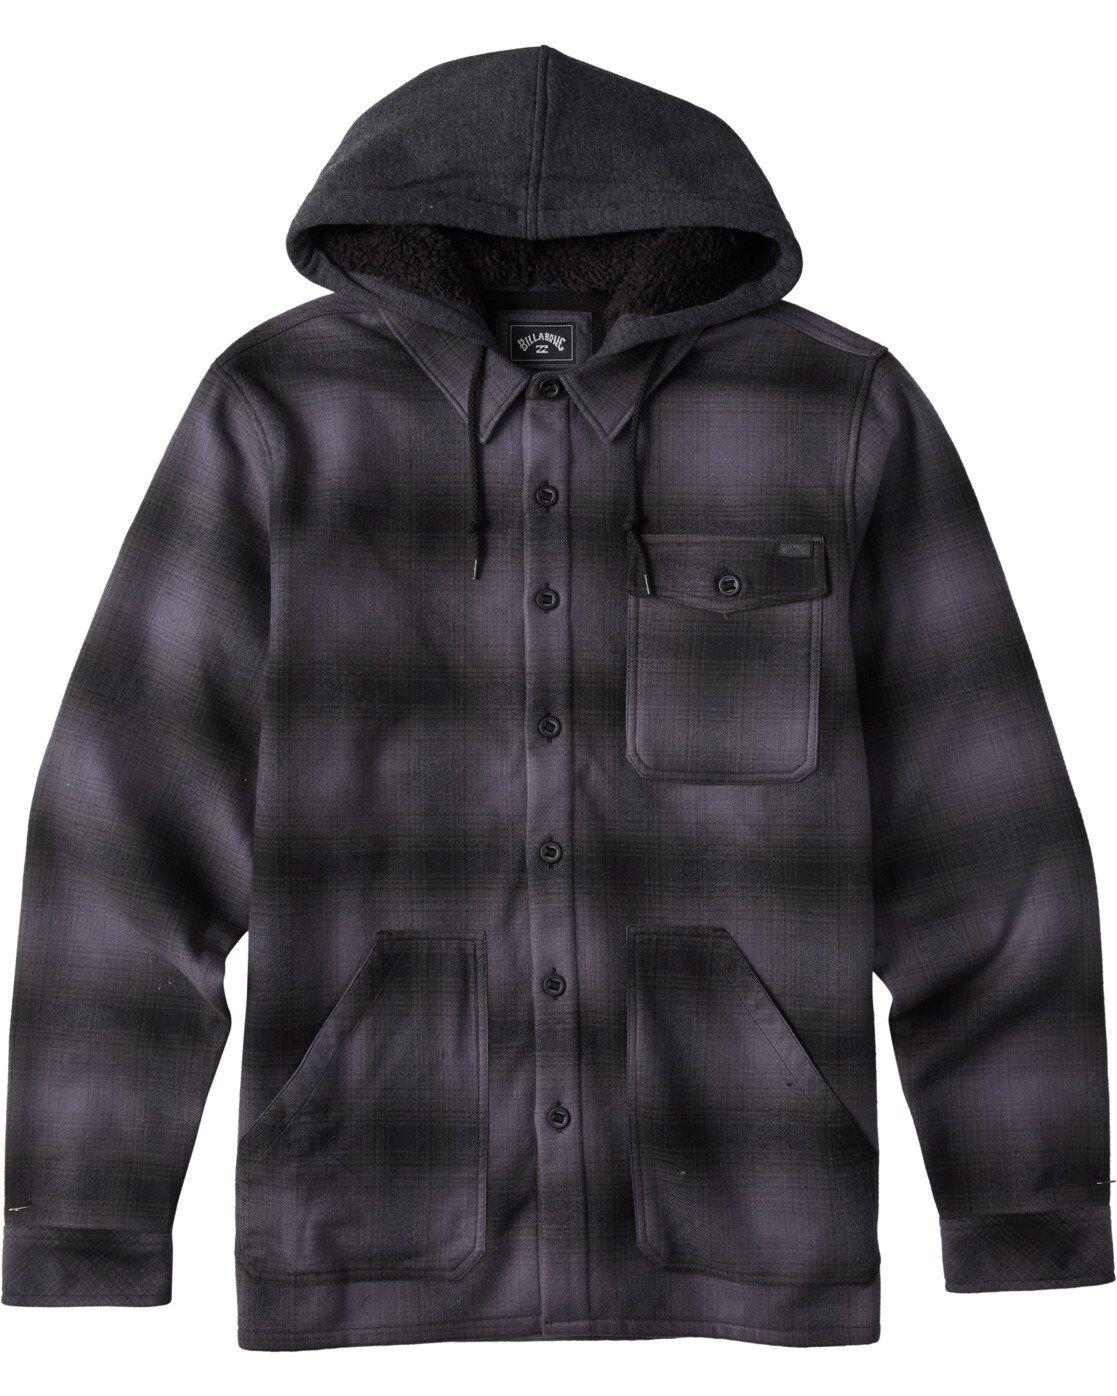 Billabong Furnace Bonded Flannel  - Black - Size: Large